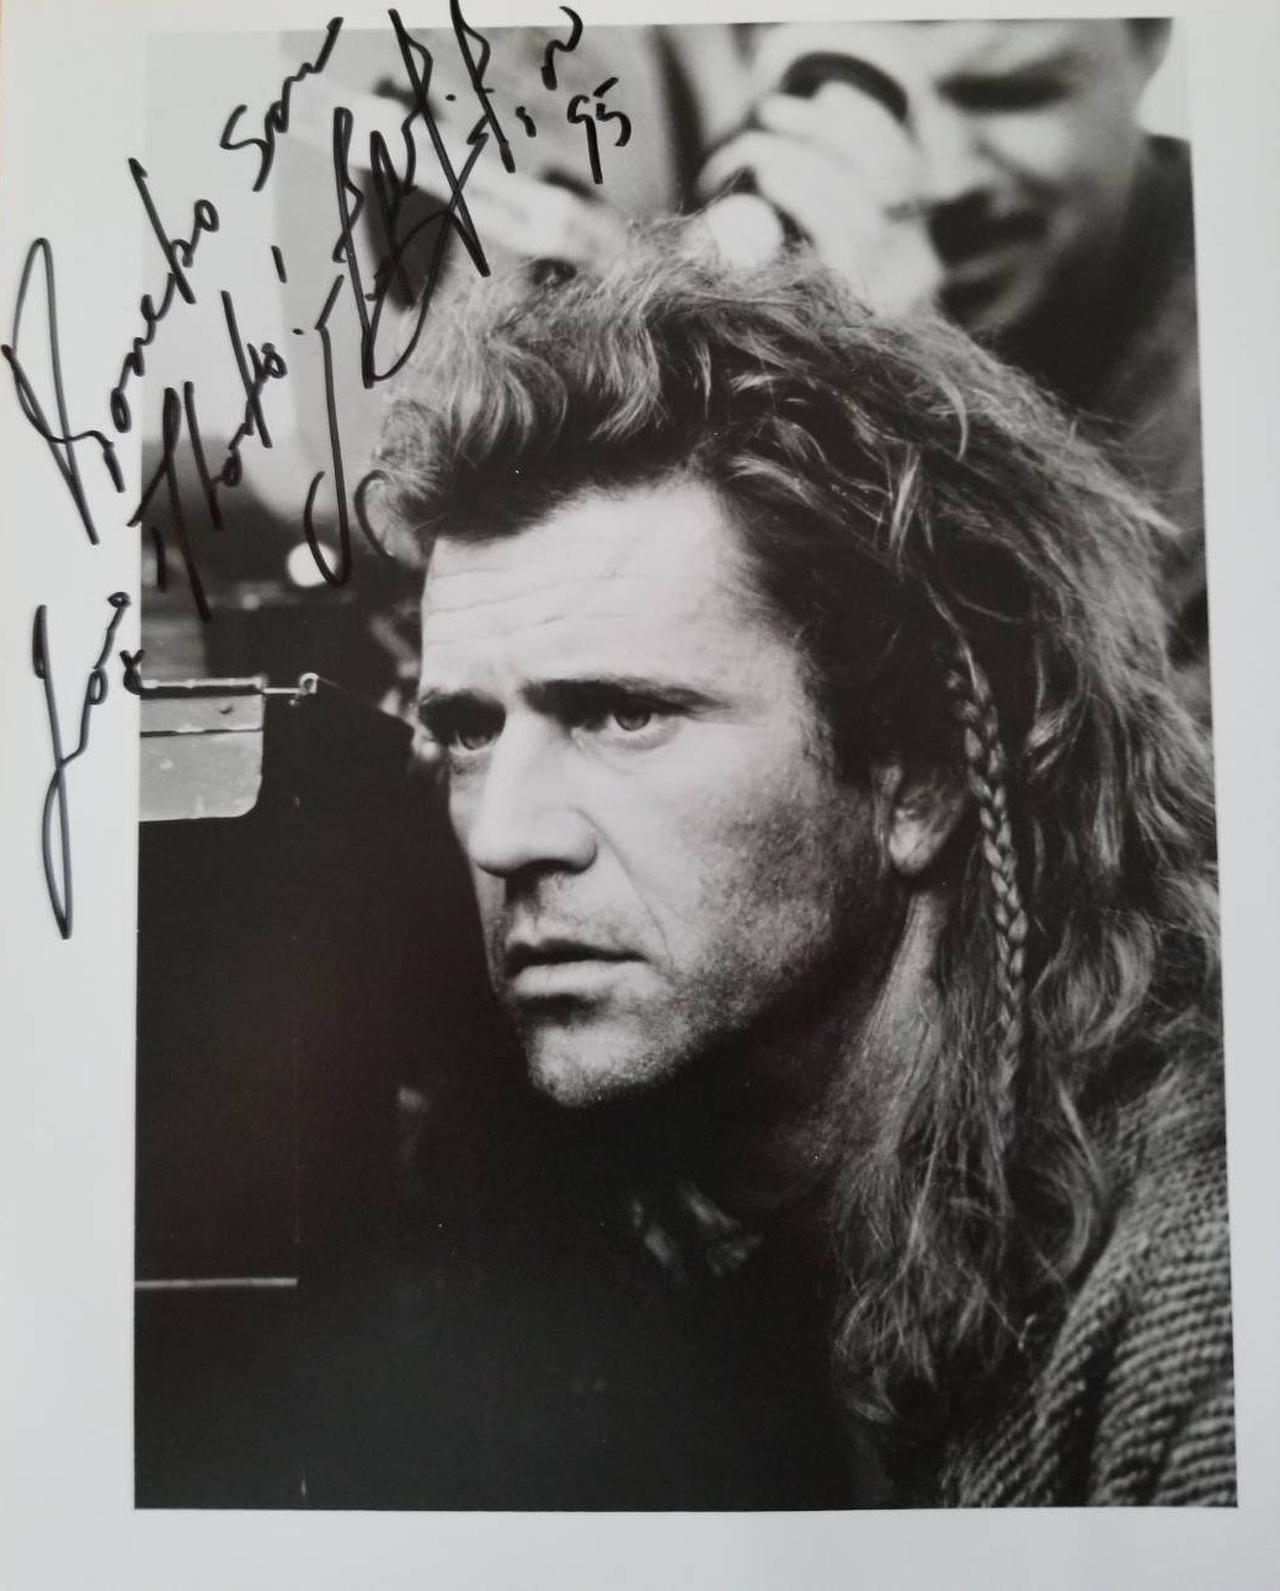 """画像: 『ブレイブハート』来日時、筆者の金子さんがメルに書いてもらったというサイン。""""ウィリアム・ウォレス仕様""""の写真は見目麗しい"""